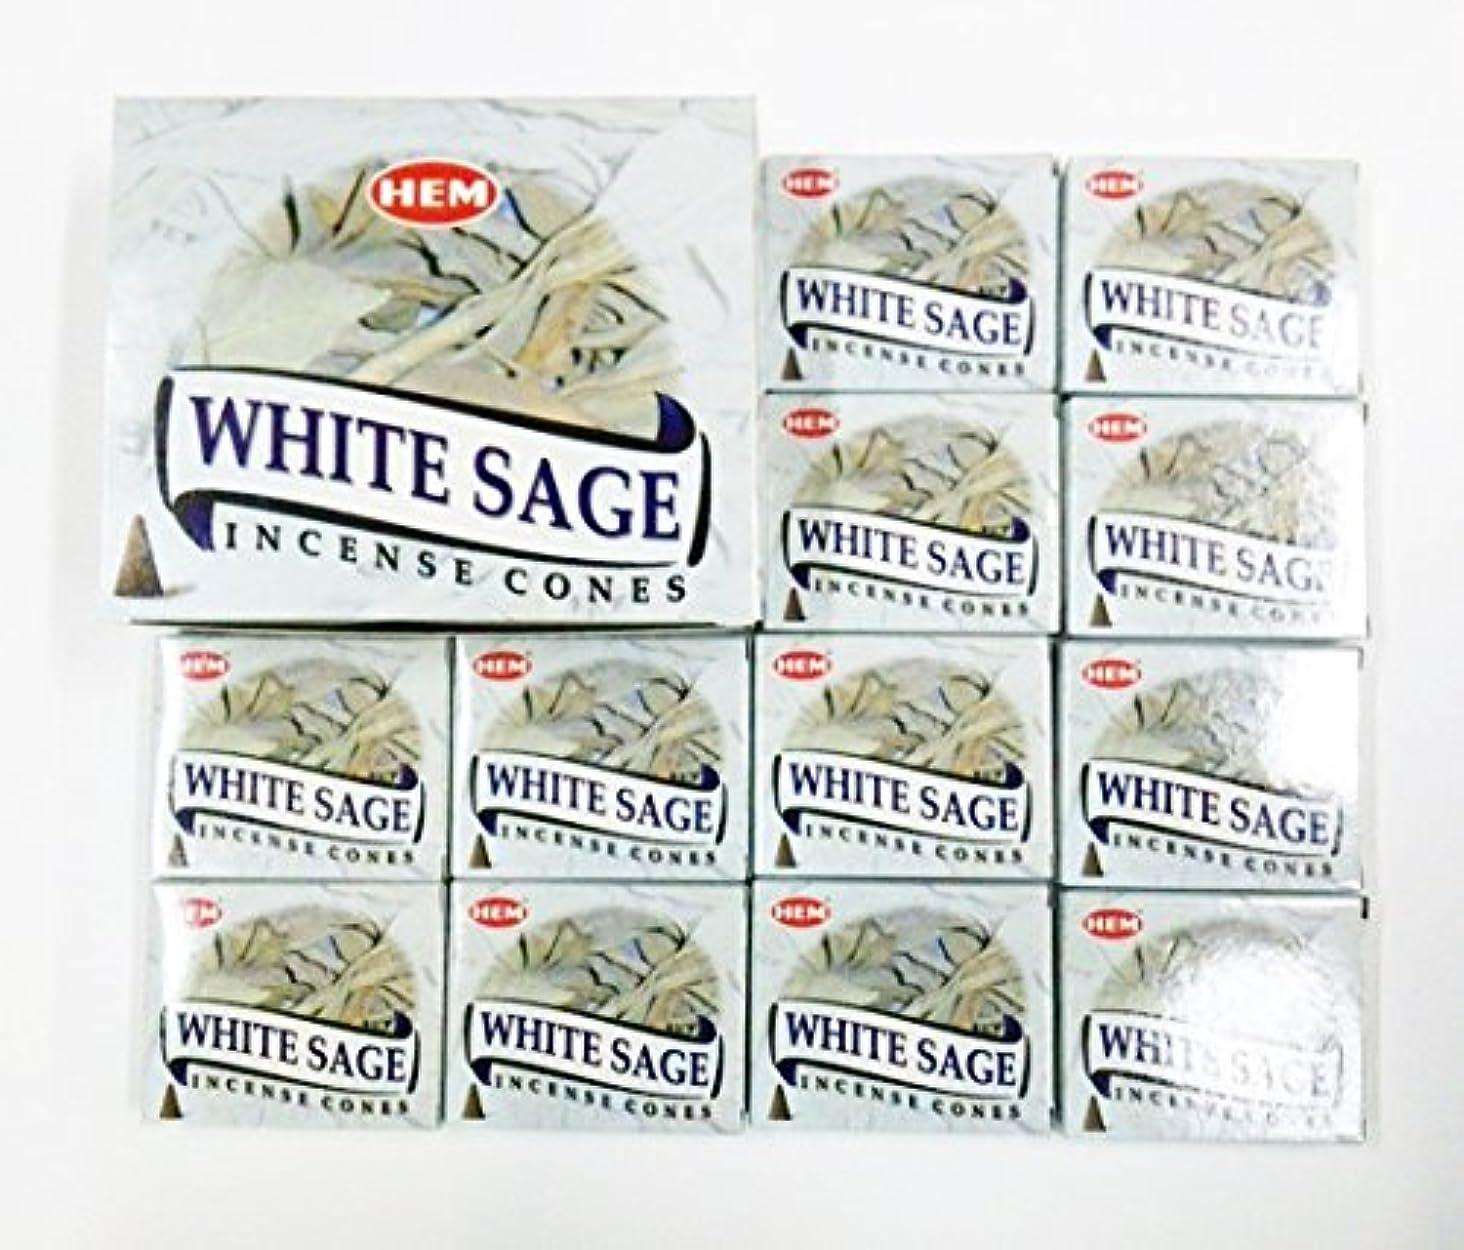 契約した扇動するセンブランスHEM WHITE SAGE ホワイトセージ コーン12箱入り